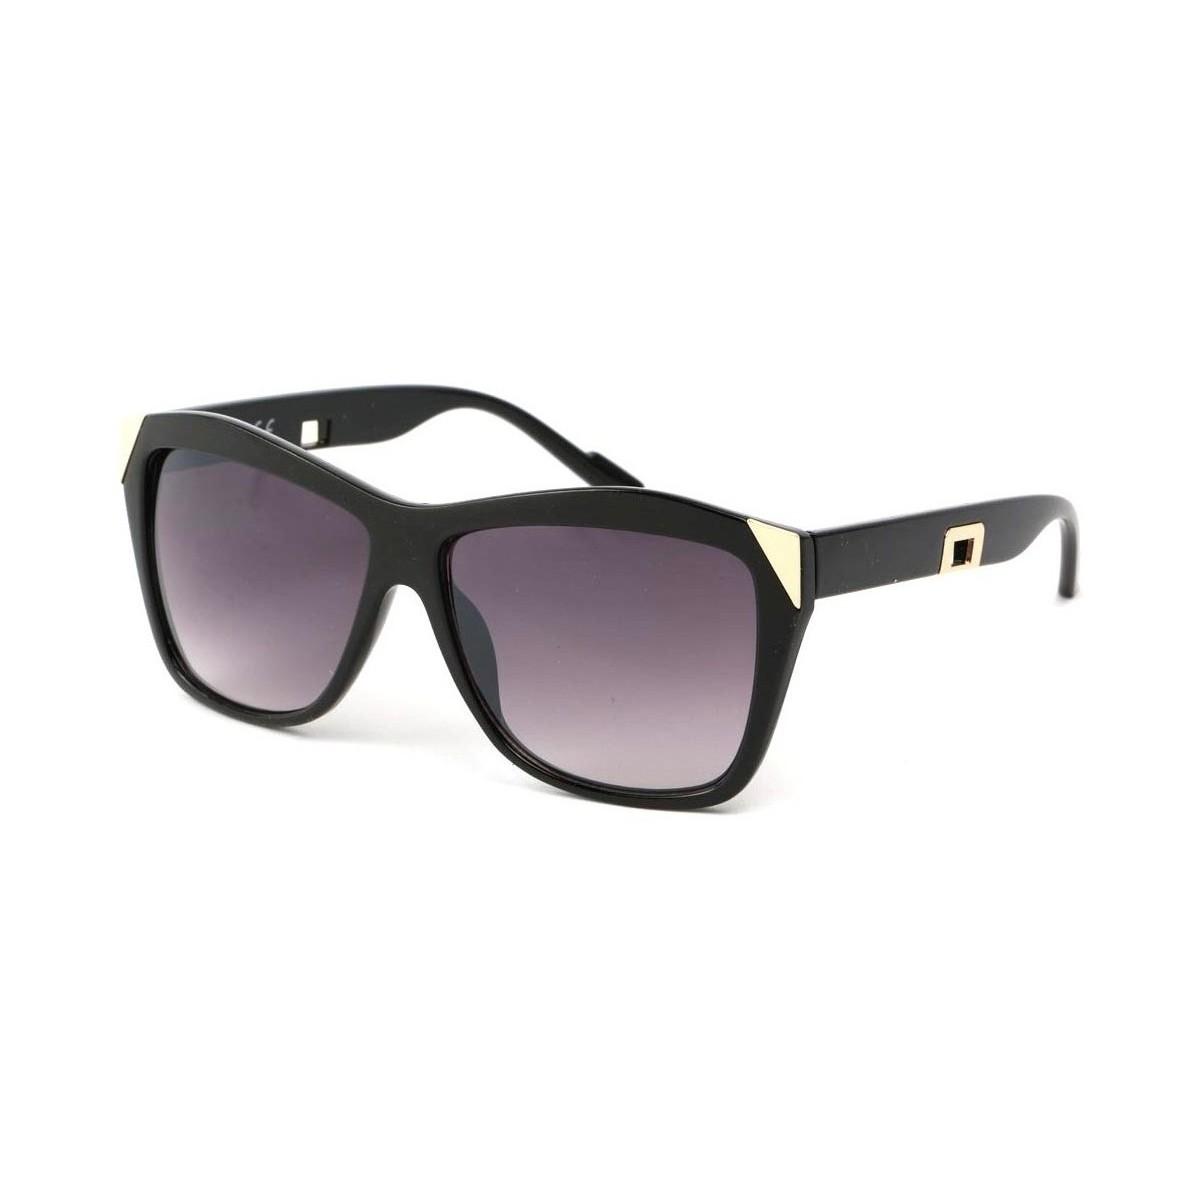 Eye Wear Lunettes Soleil Donna avec monture noire et dorée Noir